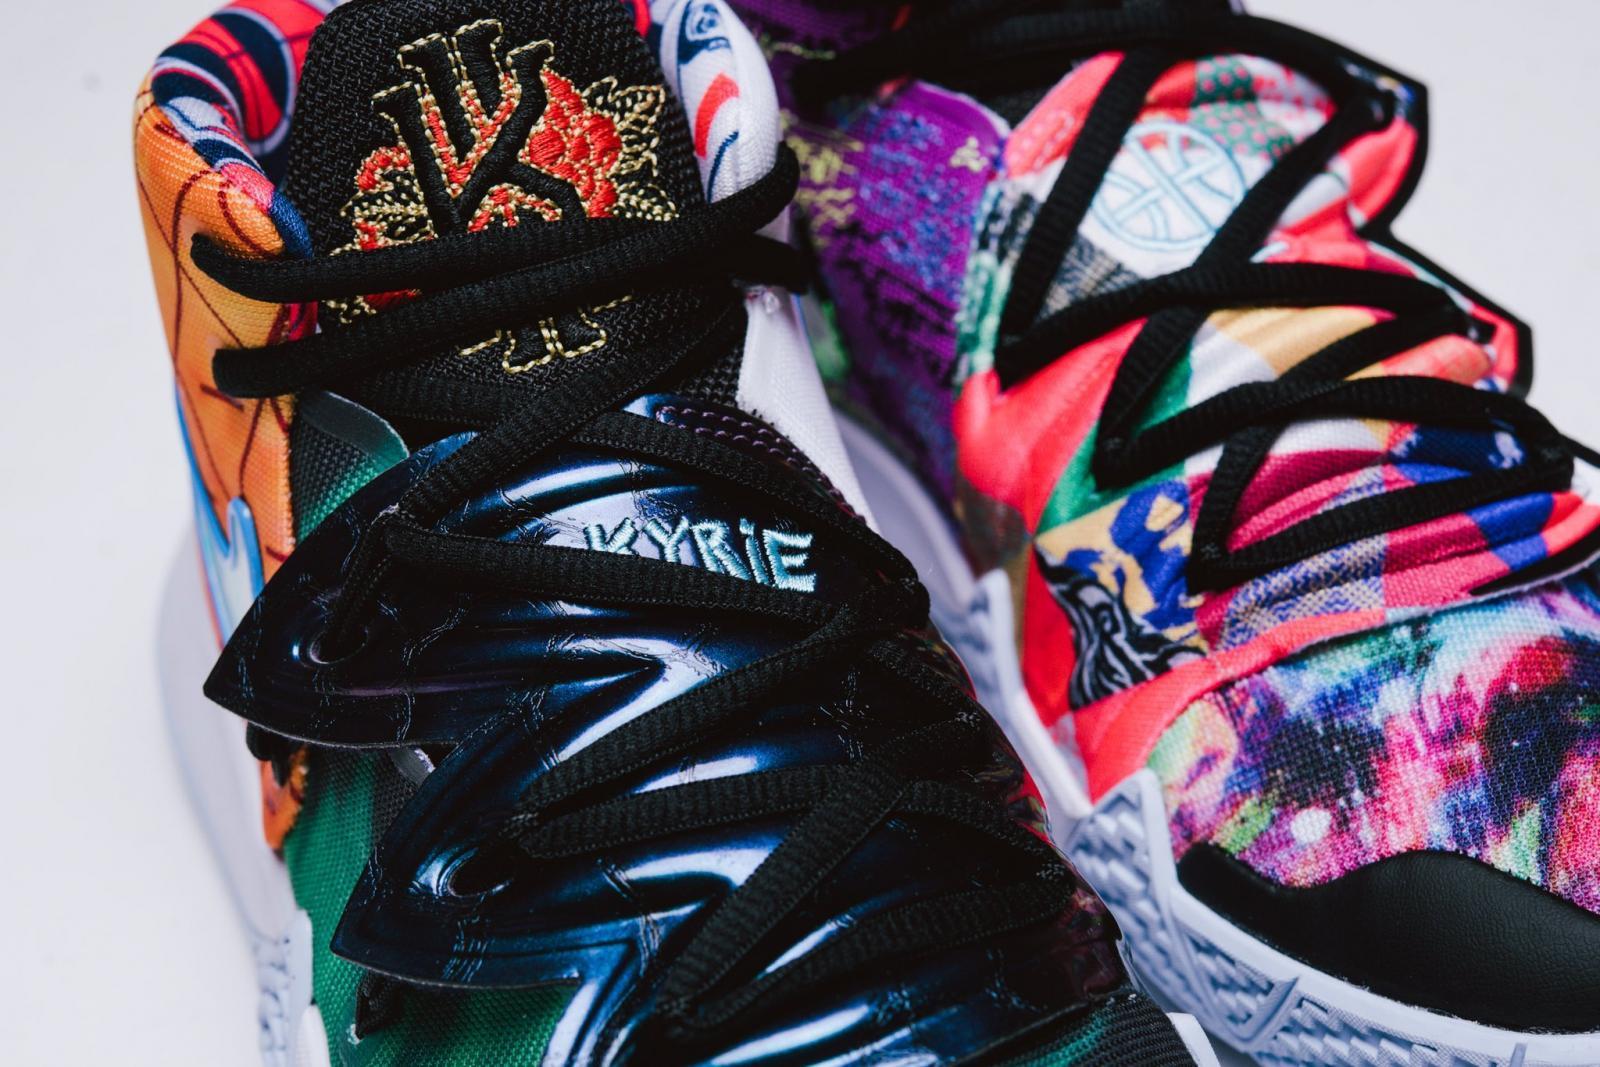 """Nike Kybrid S2 """"Pineapple""""即将发售"""